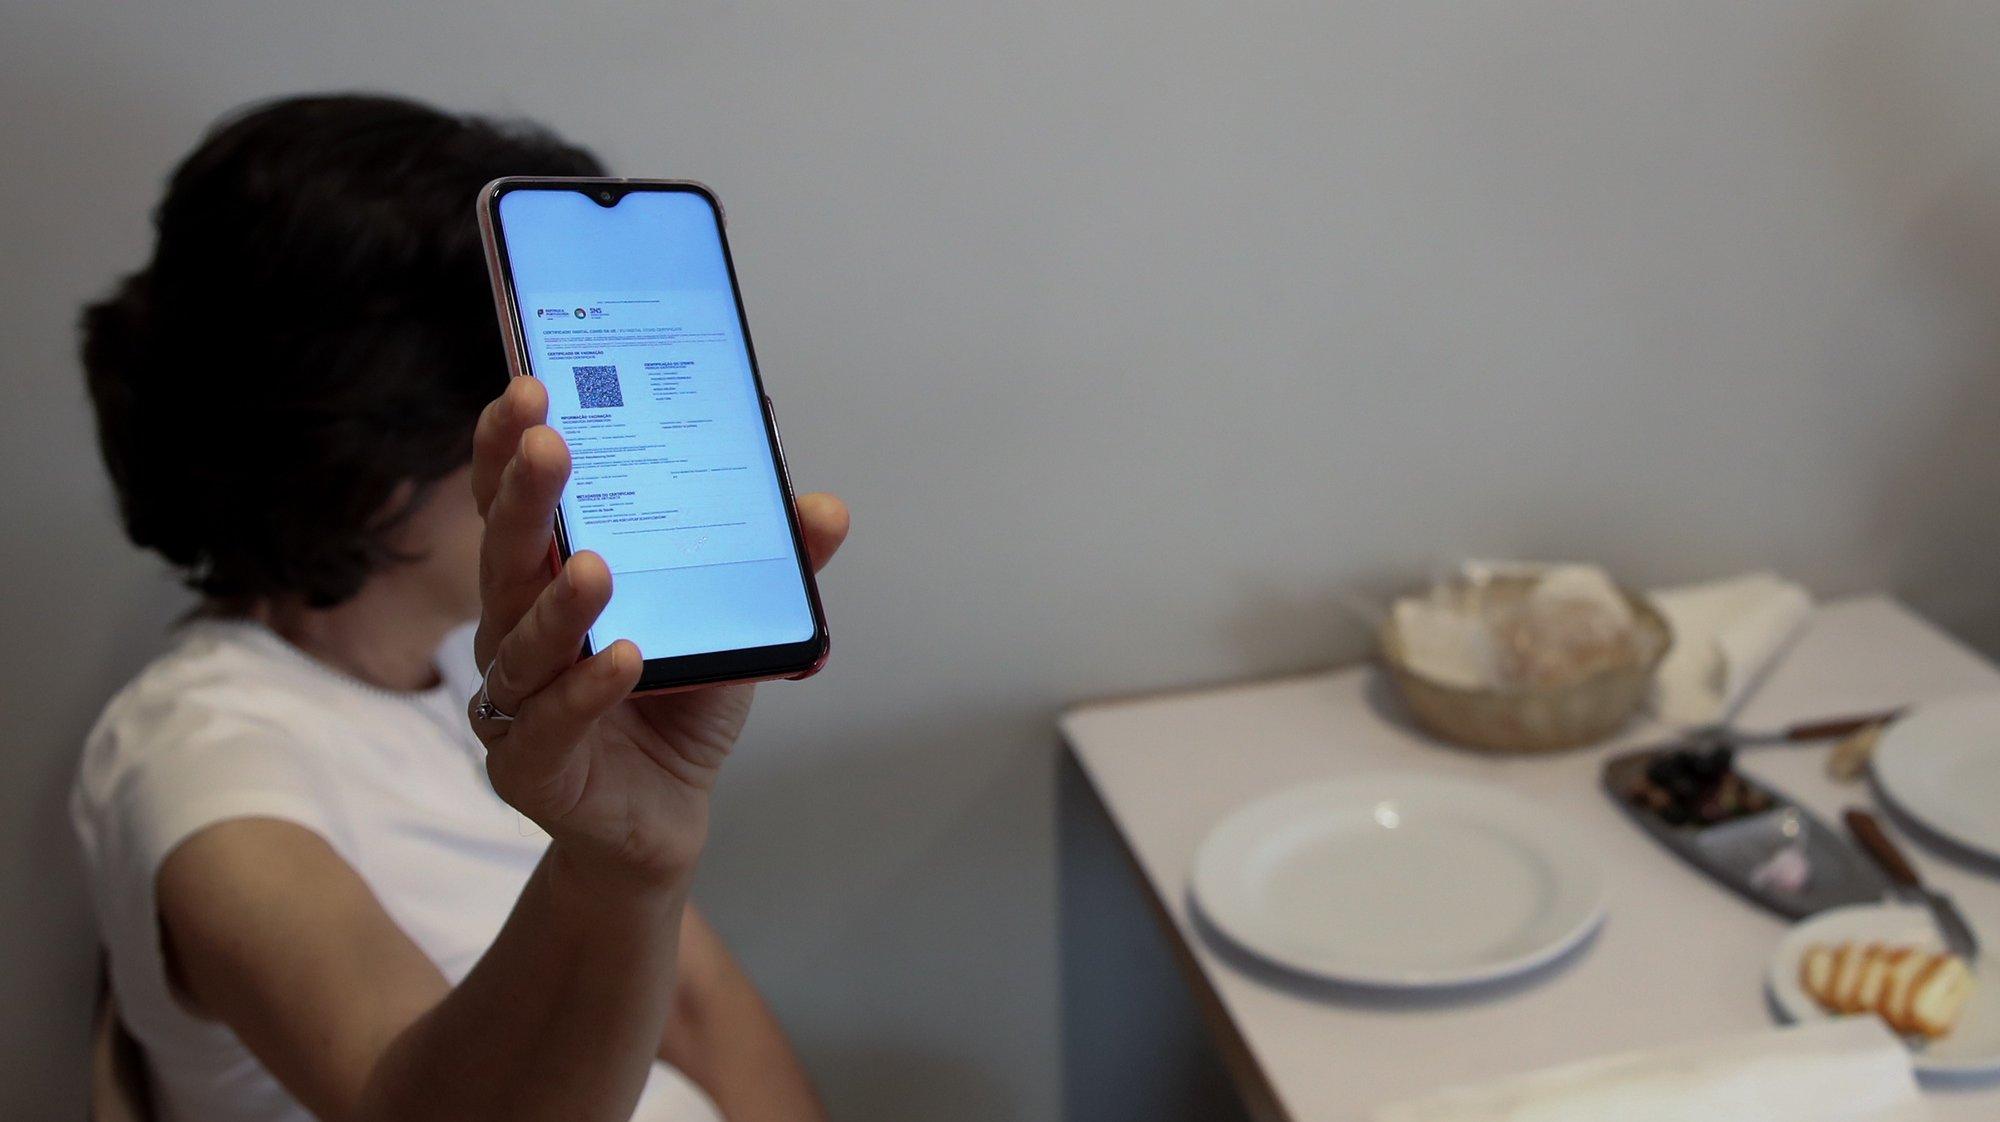 Cliente exibe o certificado digital no interior de um restaurante em Lisboa, após o Governo decreta que os restaurantes em concelhos de risco elevado ou muito elevado – um total de 60 – passam a ter de exigir certificado digital ou teste negativo à covid-19 a partir das 19:00 de sexta-feira e aos fins de semana para refeições no interior, Lisboa, 10 de julho de 2021. As pessoas em esplanadas que precisarem de entrar nos restaurantes para acesso aos serviços comuns, como instalações sanitárias, ou para efetuarem pagamento, estão dispensadas de apresentar um teste negativo à covid-19 ou o certificado digital. MANUEL DE ALMEIDA/LUSA